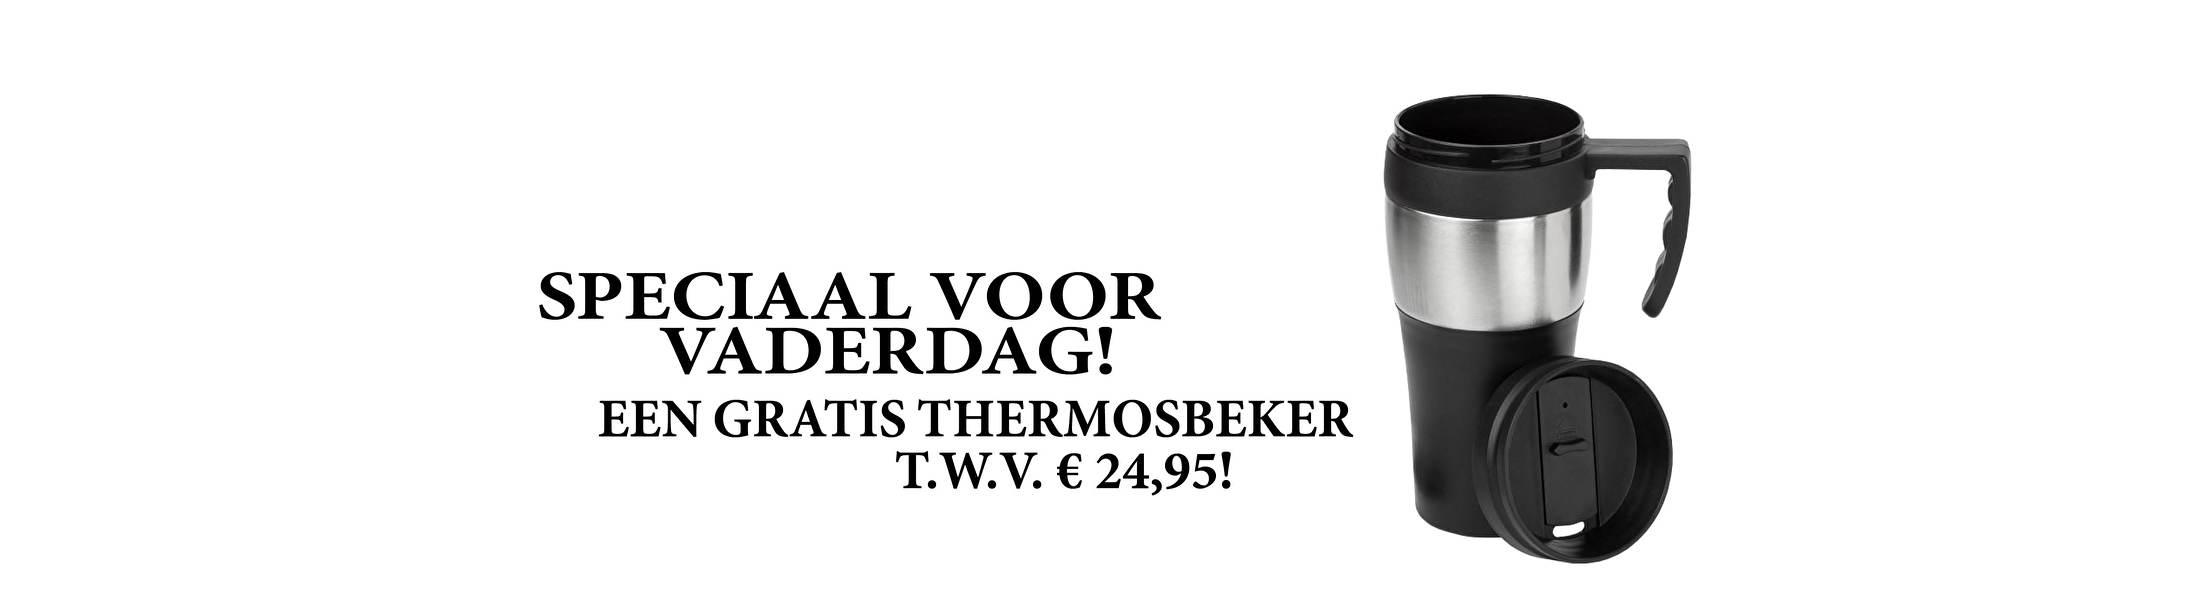 SPECIAAL VOOR VADERDAG! EEN GRATIS THERMOSBEKER T.W.V. € 24,95